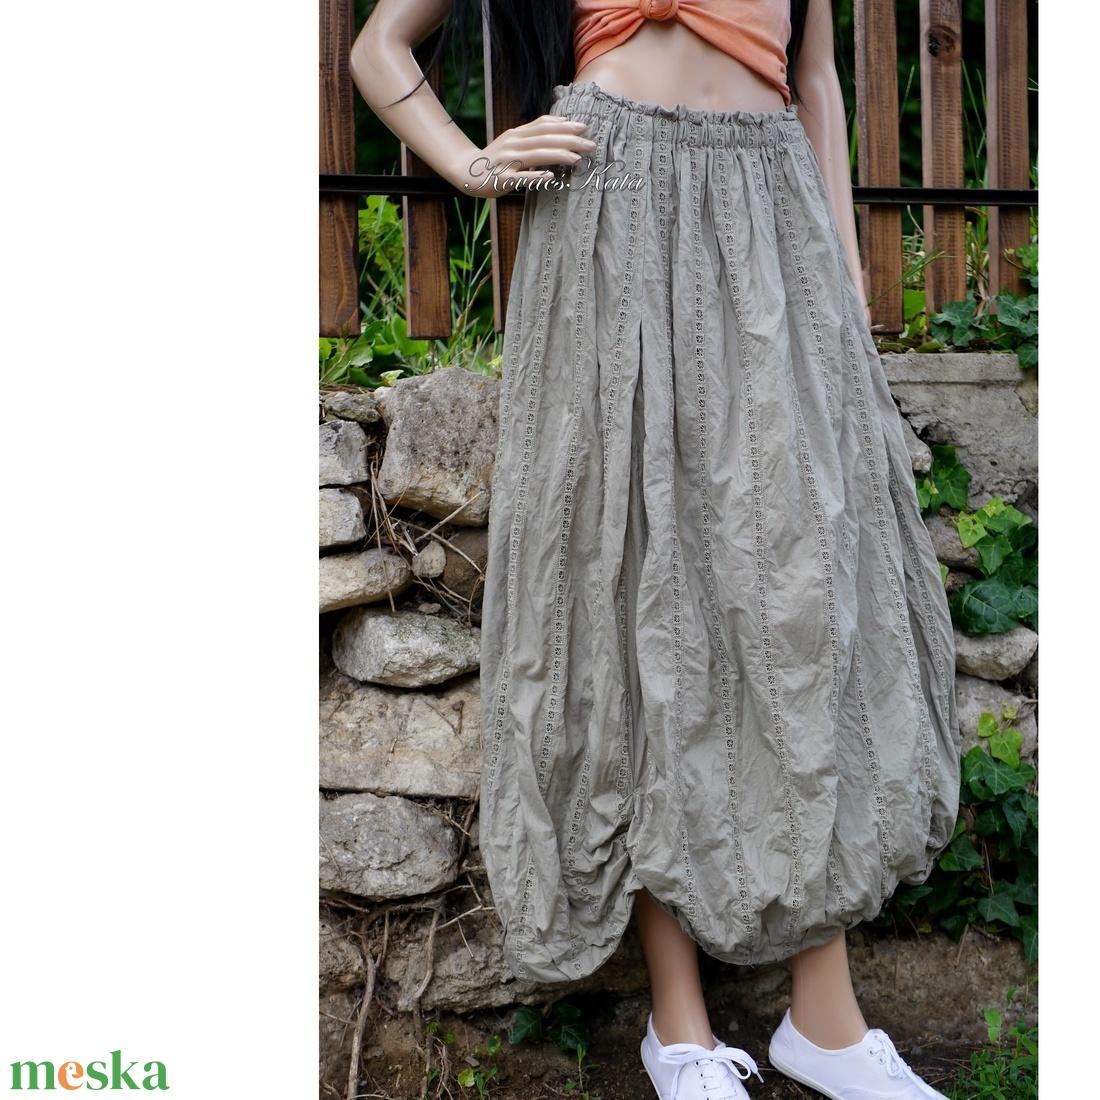 RACHEL/azsúros - bohém lagenlook vászonszoknya / keki - ruha & divat - női ruha - szoknya - Meska.hu